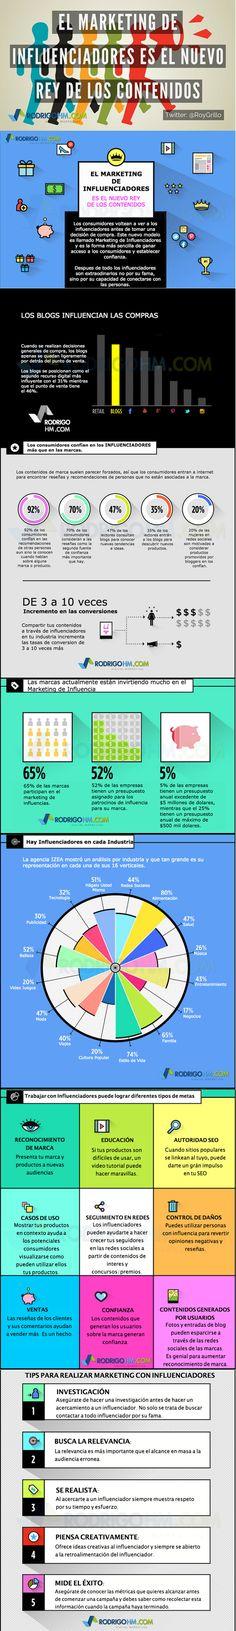 Marketing de Influencers: nuevo rey de los contenidos #infografia